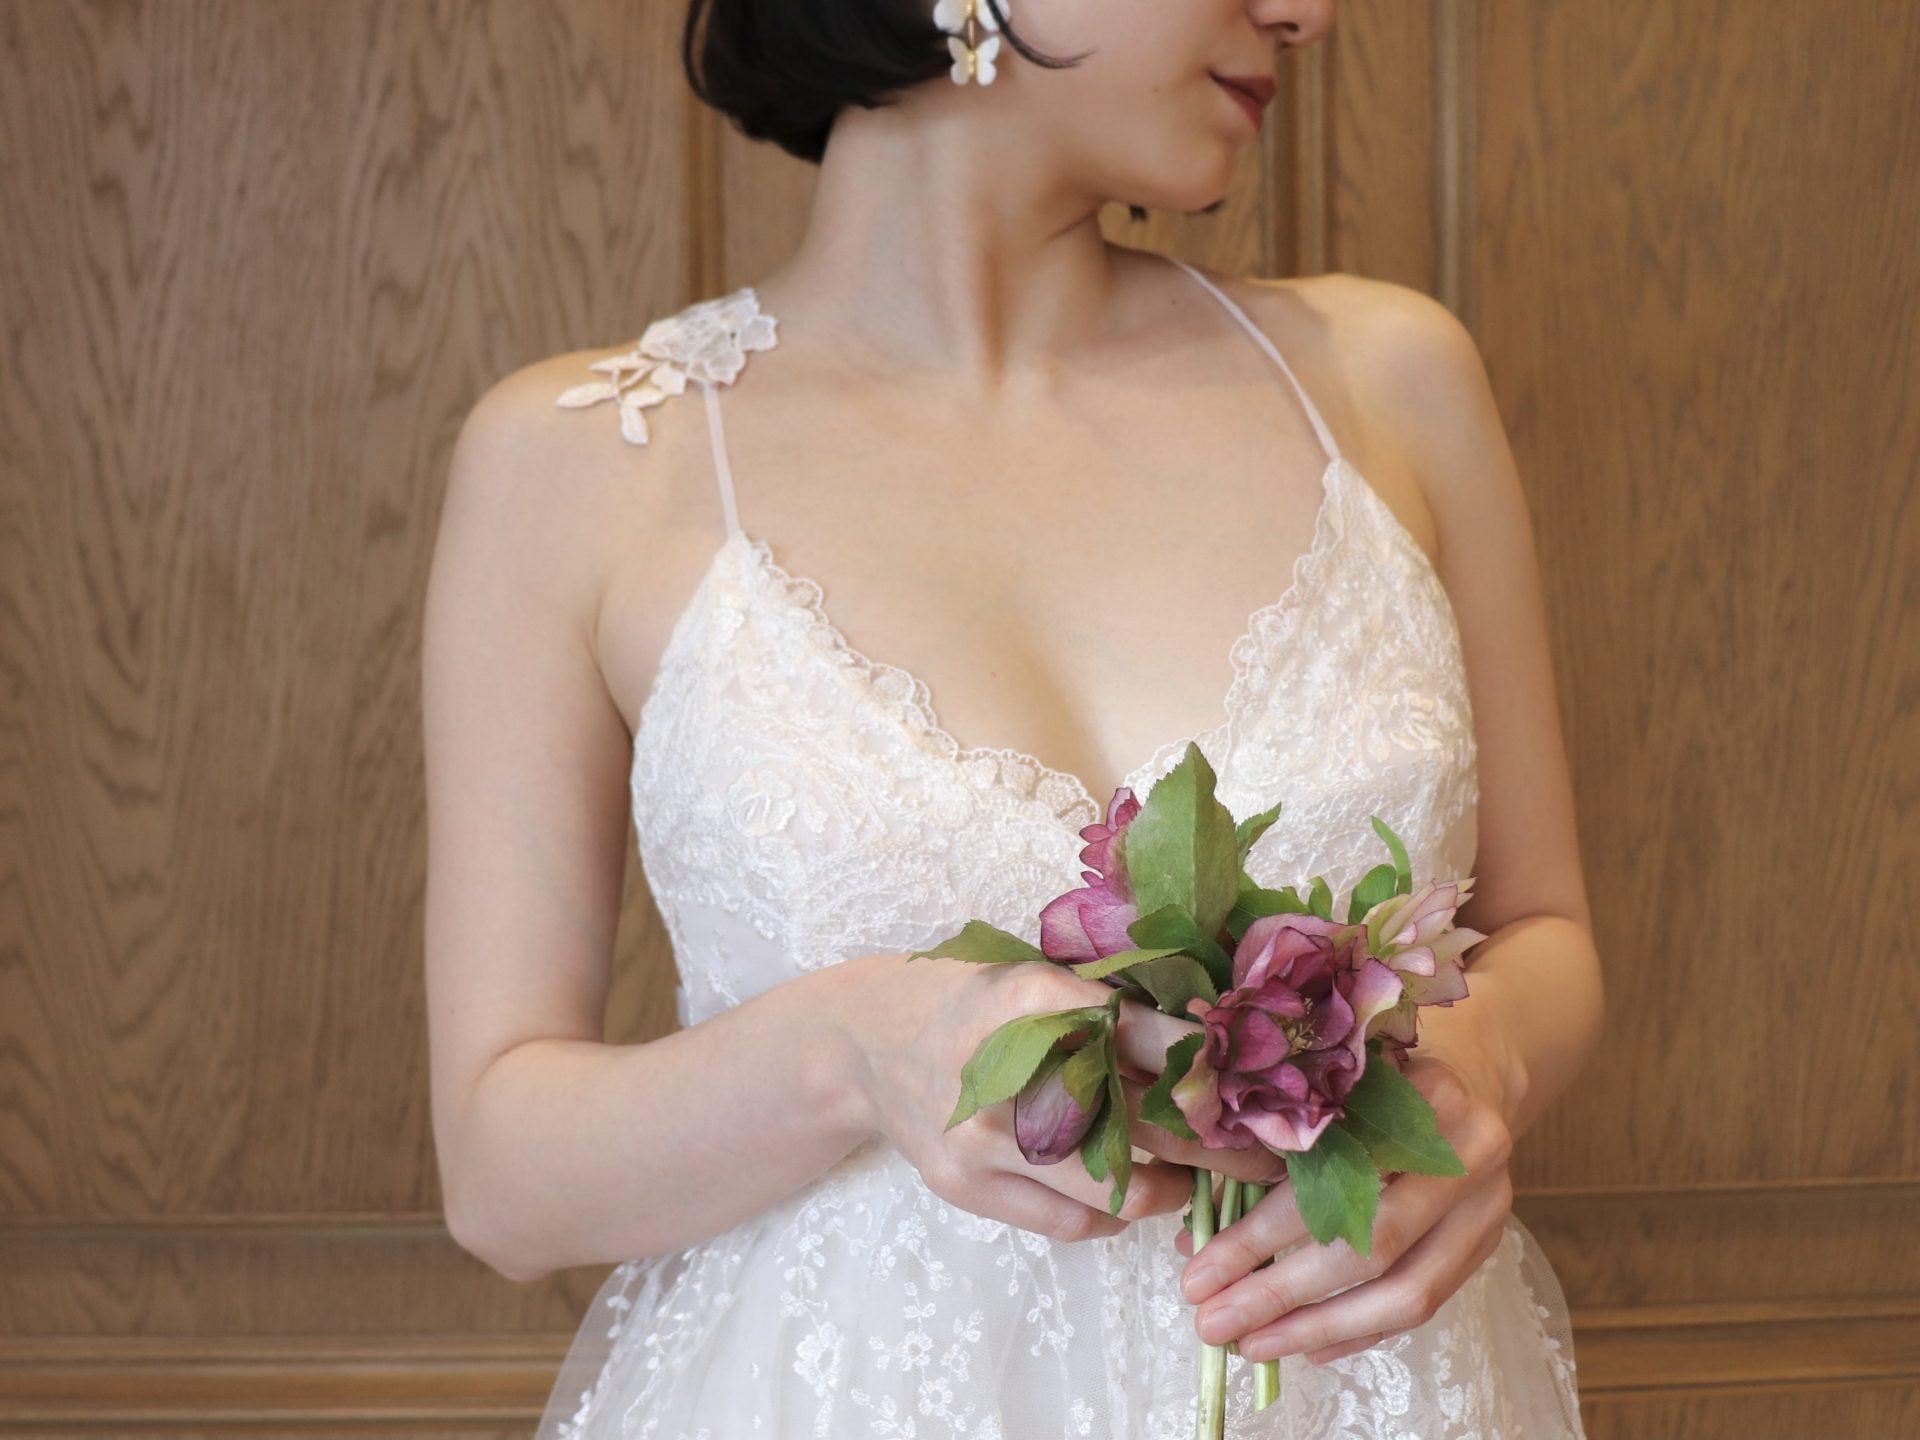 春や夏の結婚式におすすめの、キャミソールタイプのナチュラルなウェディングドレス